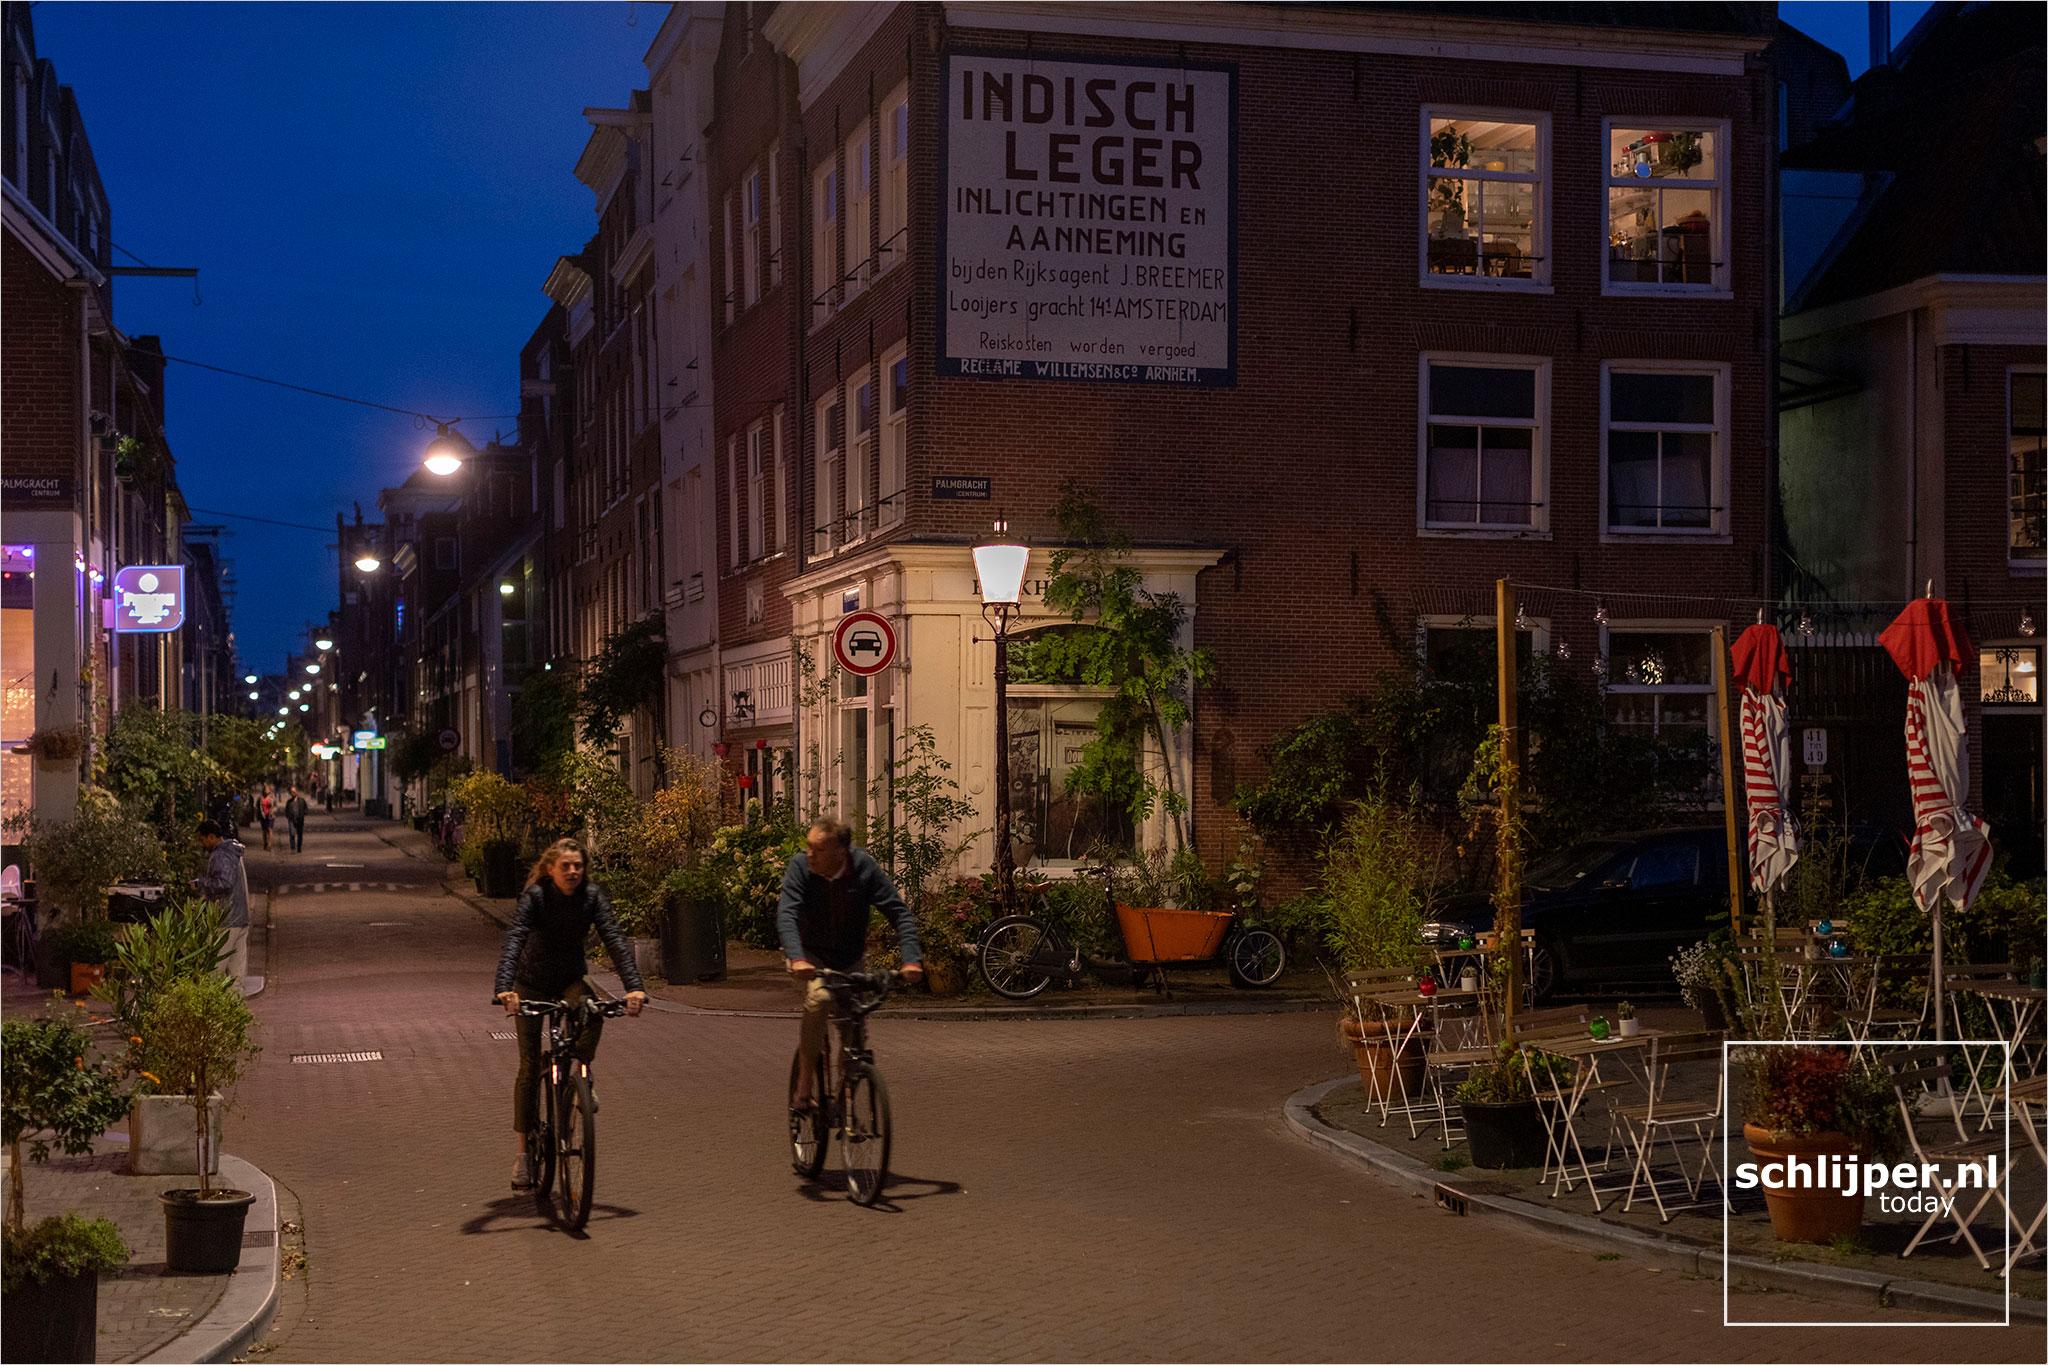 The Netherlands, Amsterdam, 12 september 2021